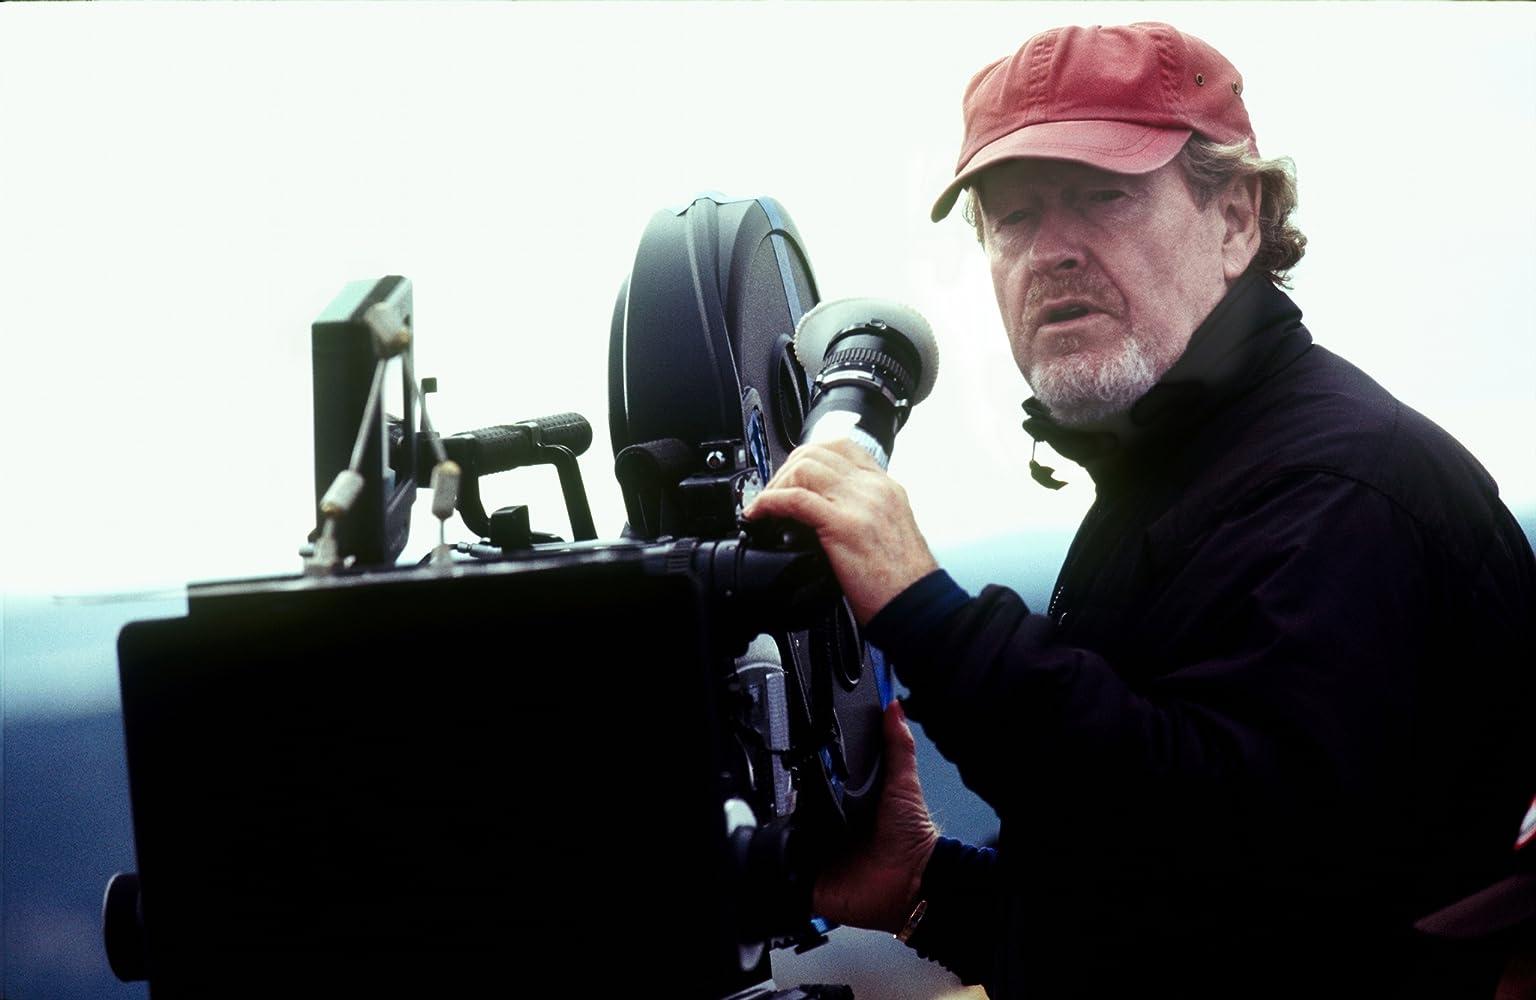 Ridley Scott in Kingdom of Heaven (2005)